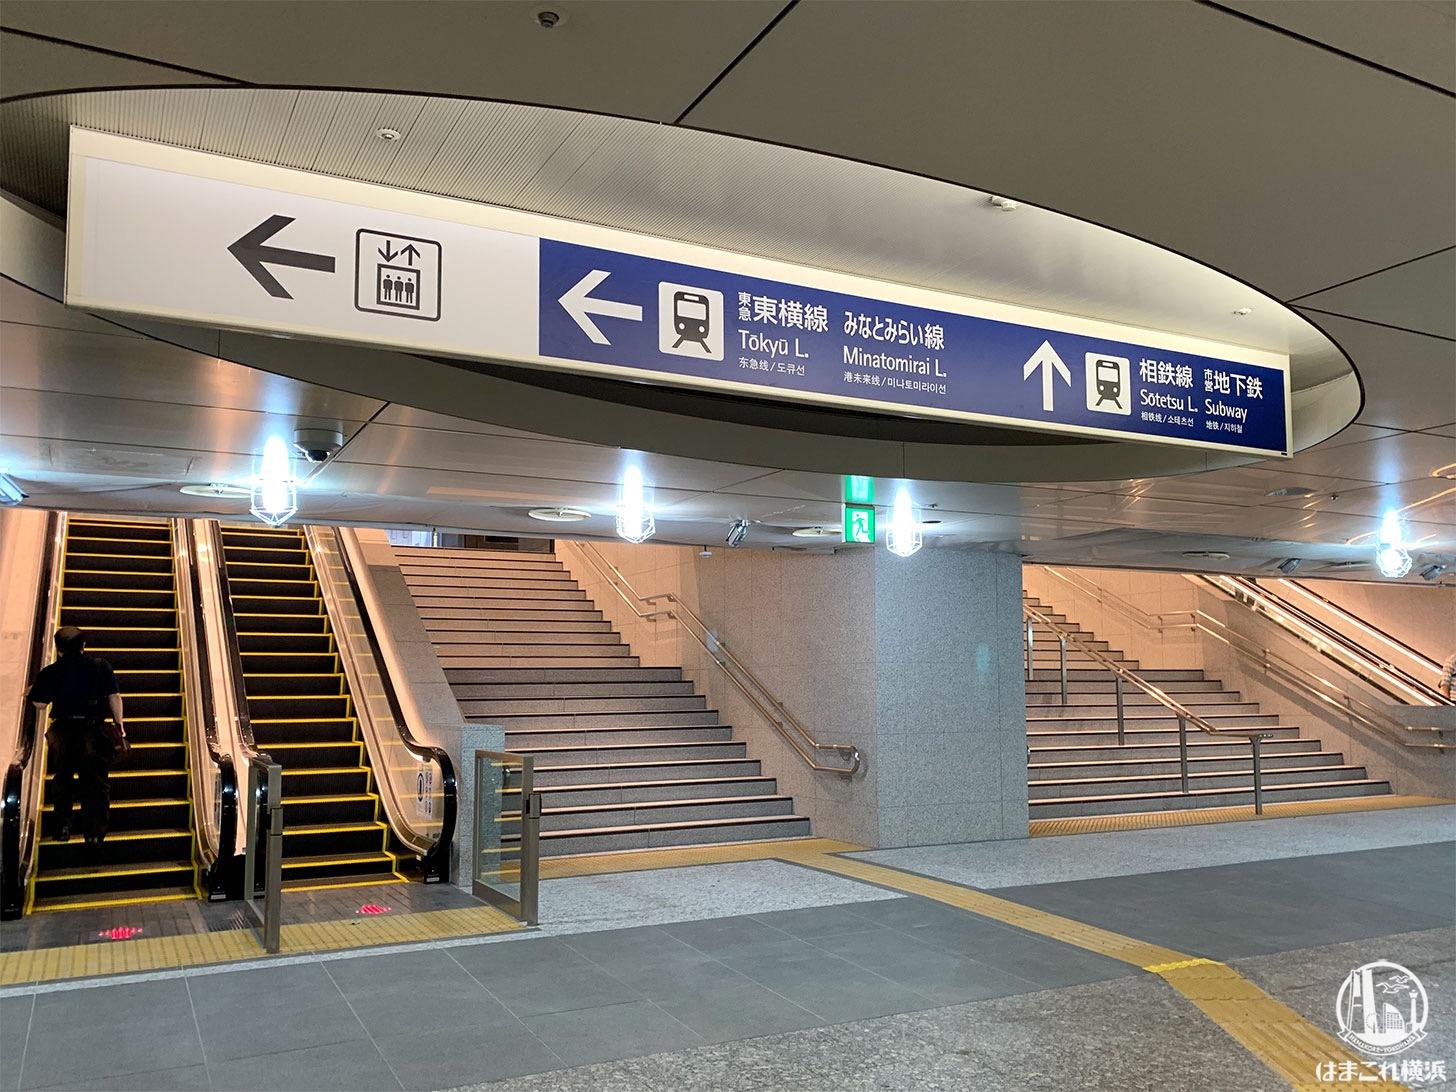 横浜駅西口 中央自由通路のエスカレーター・階段